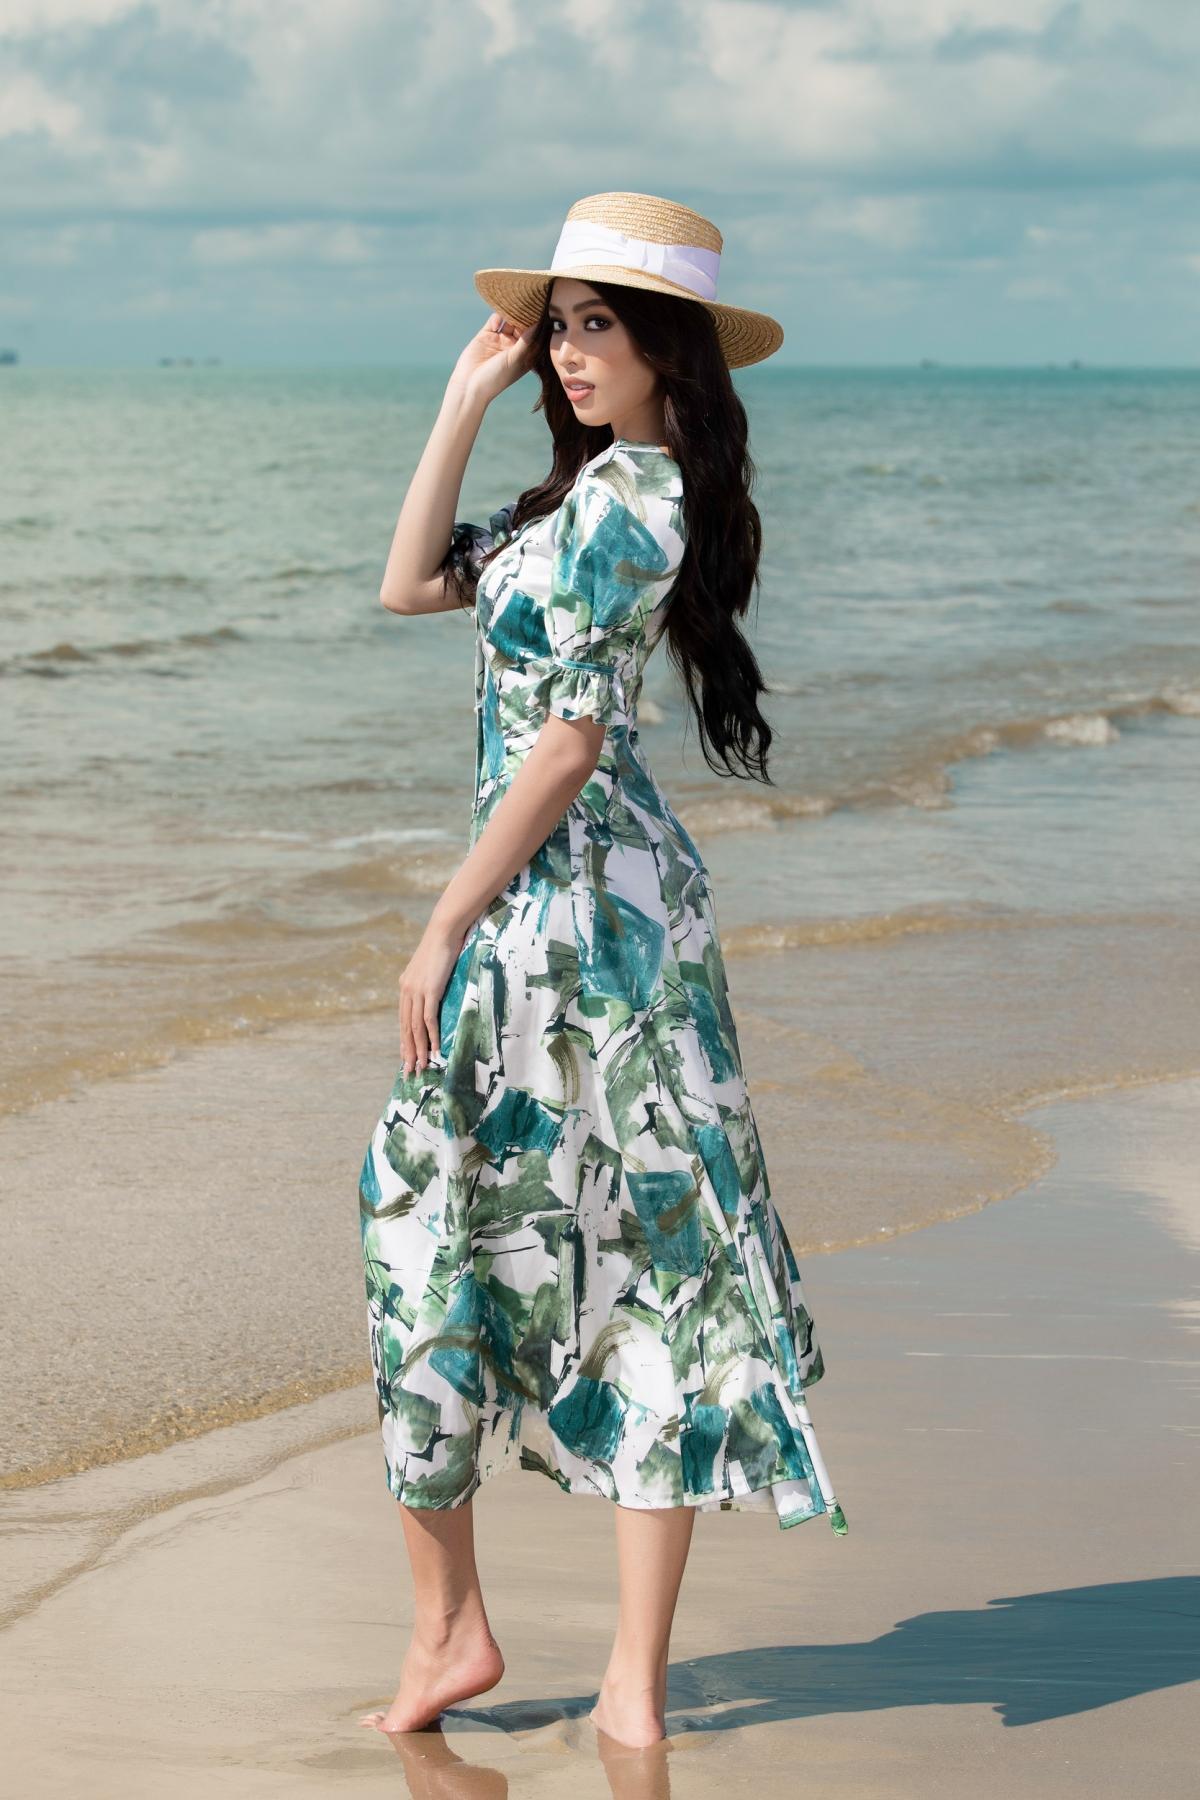 """Sau sự thành công khi """"đem chuông đi đánh xứ người"""" tại cuộc thi Miss Grand International 2020 tại Thái Lan, Á hậu 2 Hoa hậu Việt Nam chiếm trọn tình cảm của fan hâm mộ vì phong thái tự tin và rạng rỡ của cô nàng."""